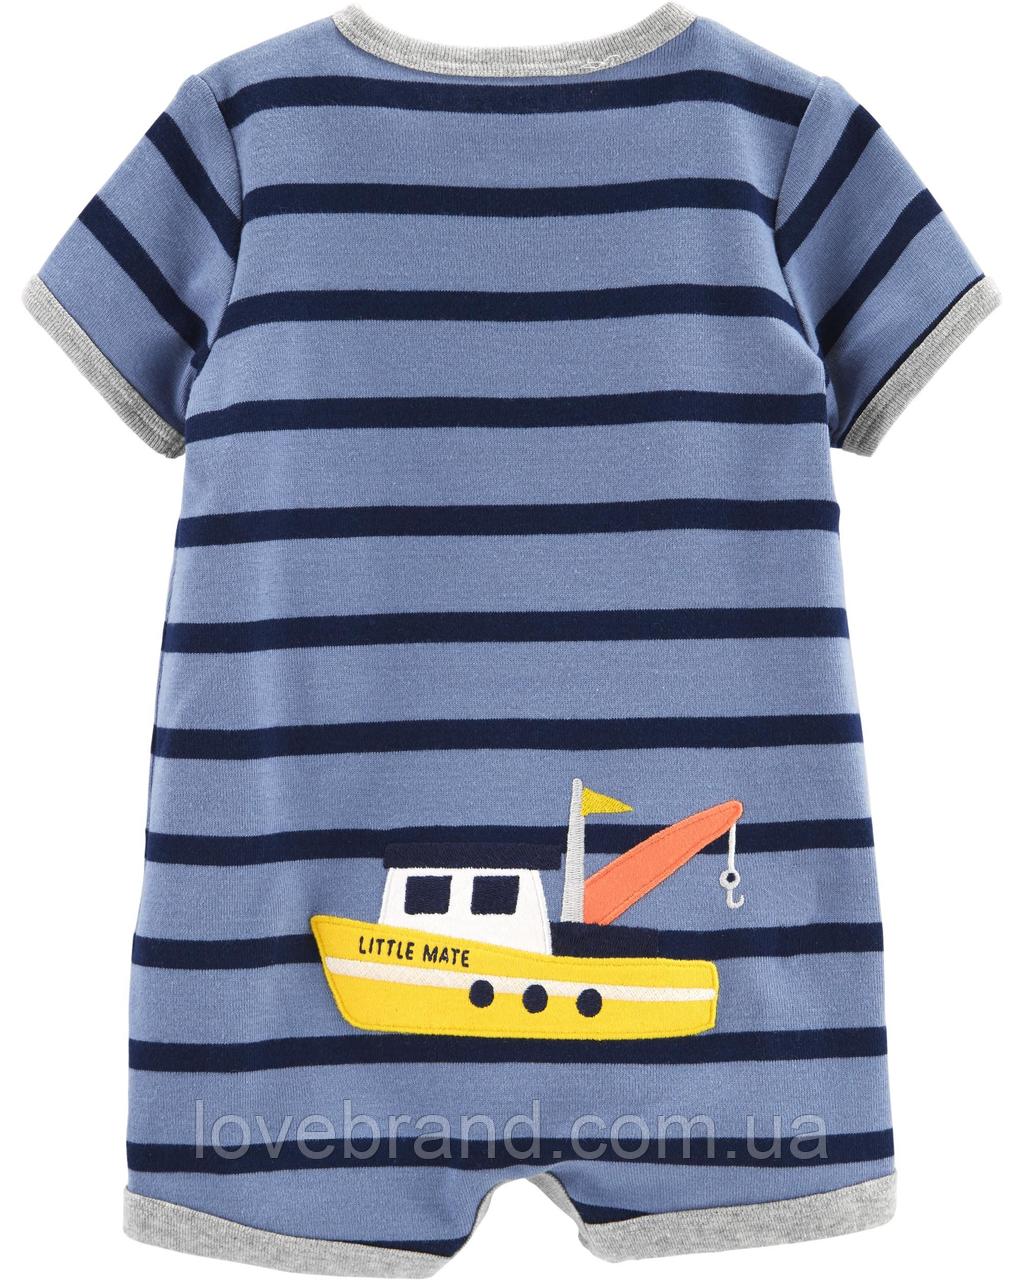 """Песочник Carter's для мальчика """"Лодка море"""" синий в полоску ромпер для малыша картерс"""